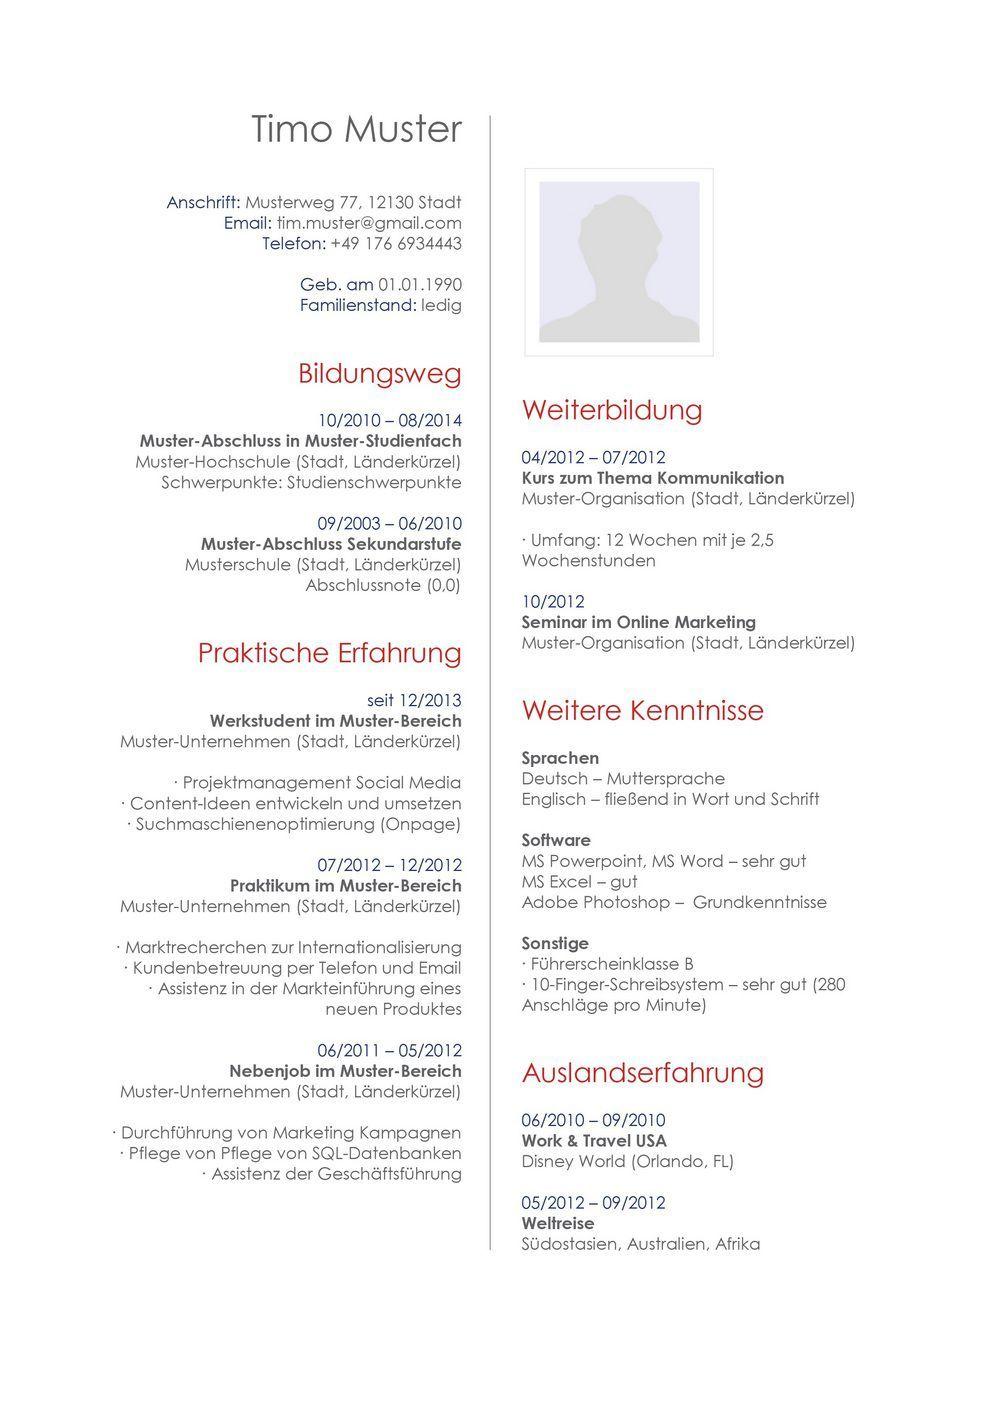 Lebenslauf Muster Vorlage 27 Architekt | Bewerbung | Pinterest ...